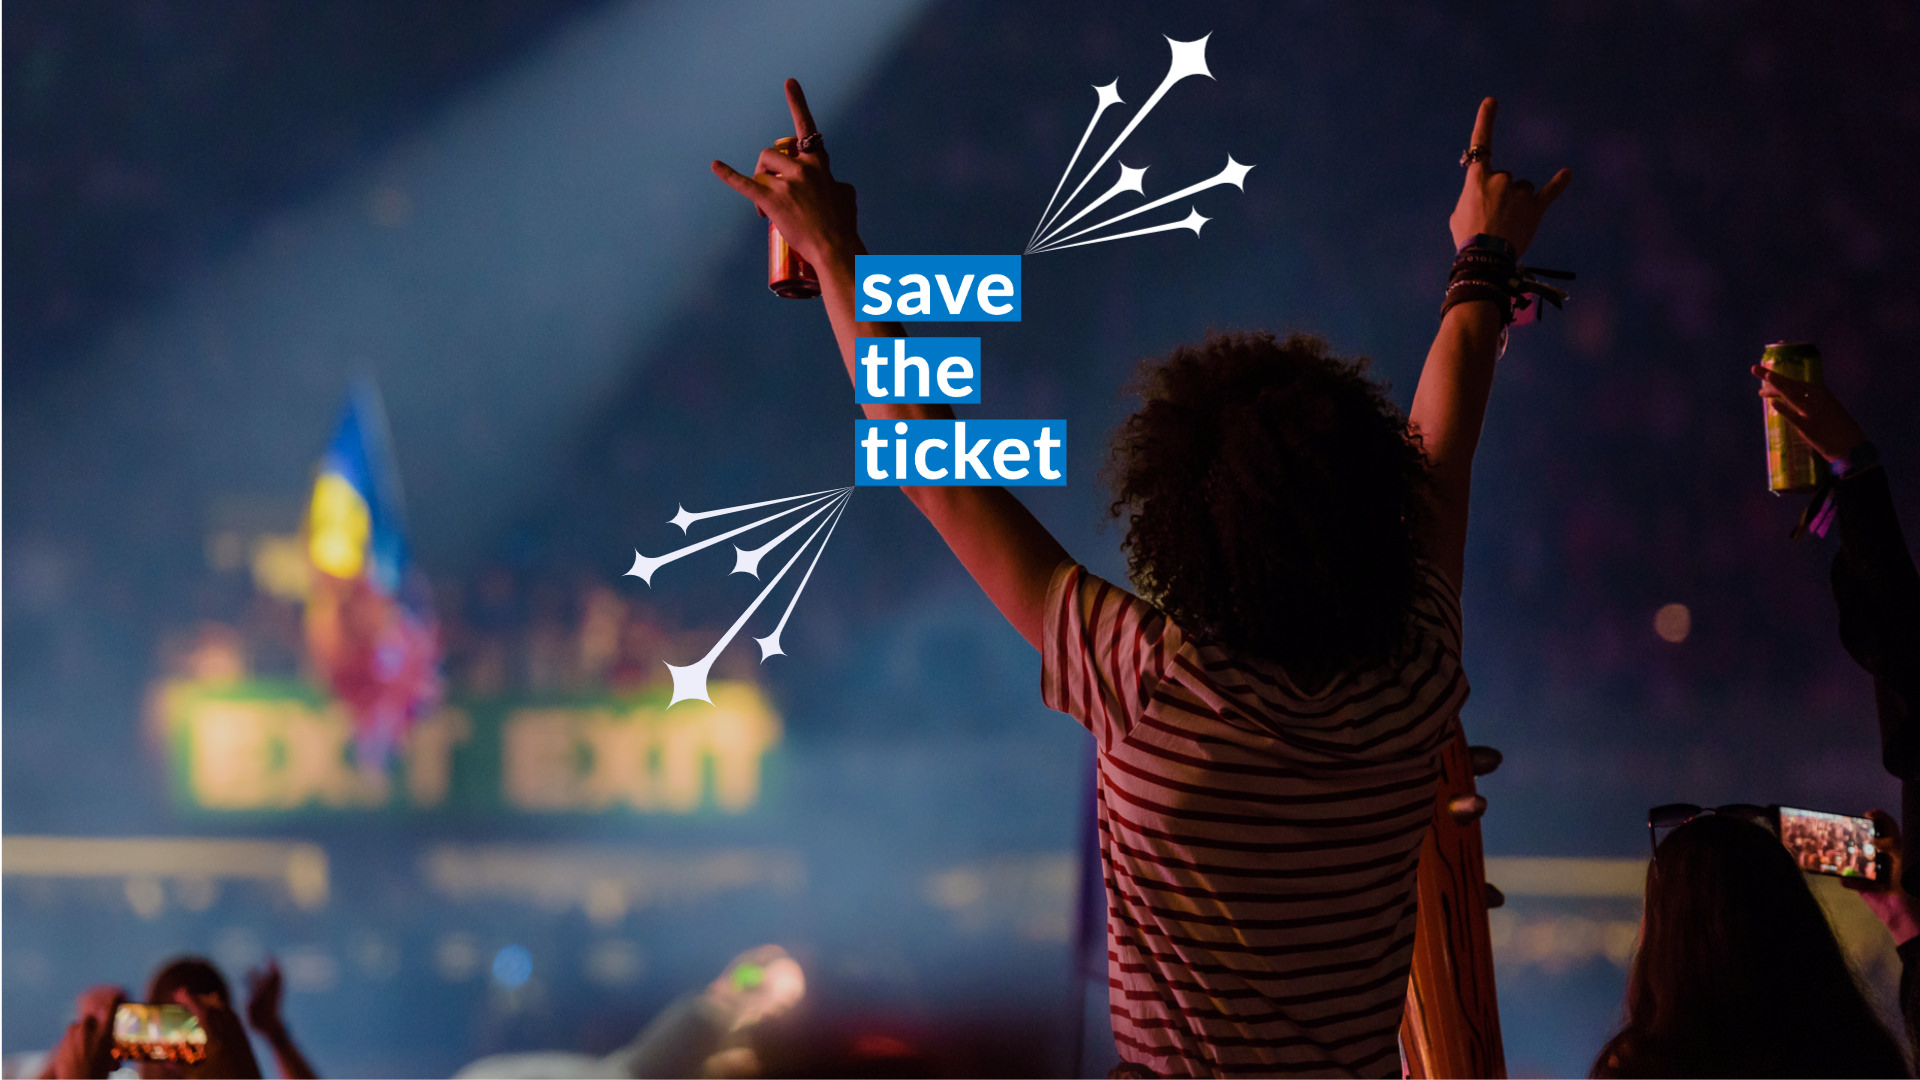 Opțiunile de schimbare a biletelor & abonamentelor la festivaluri